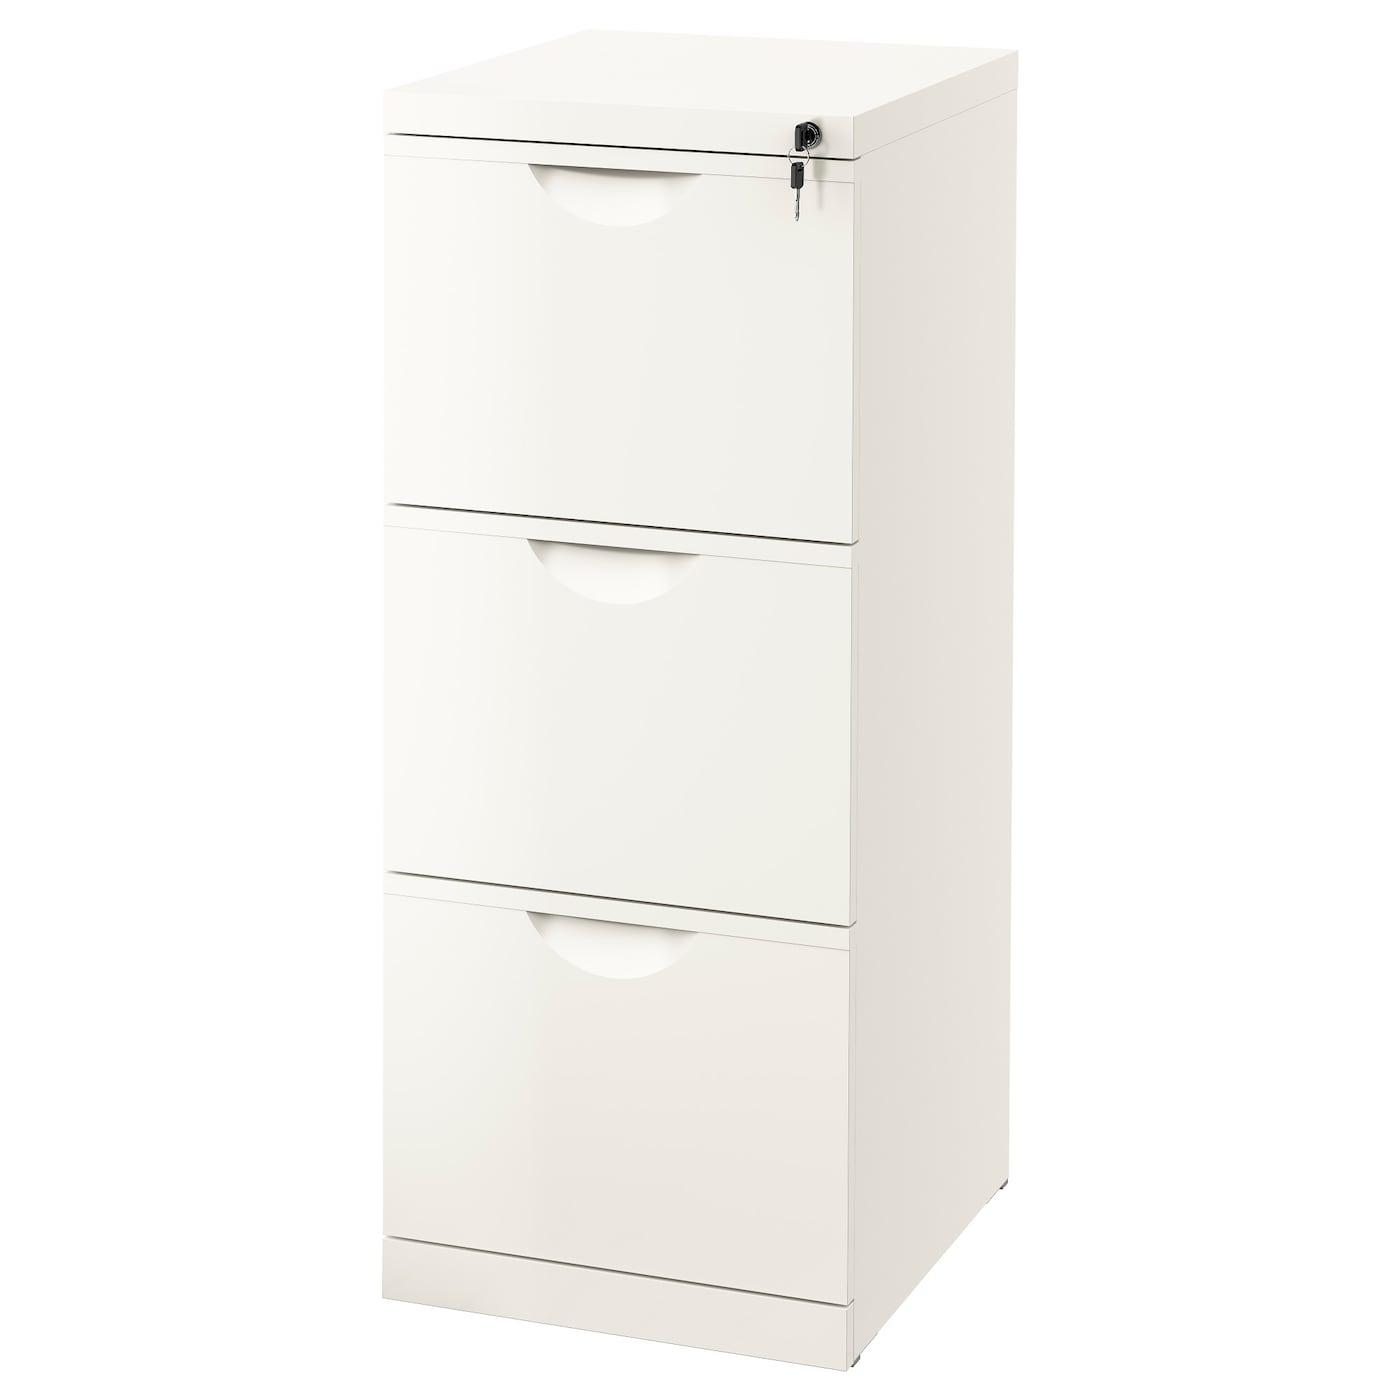 ERIK Aktenschrank - weiß - IKEA